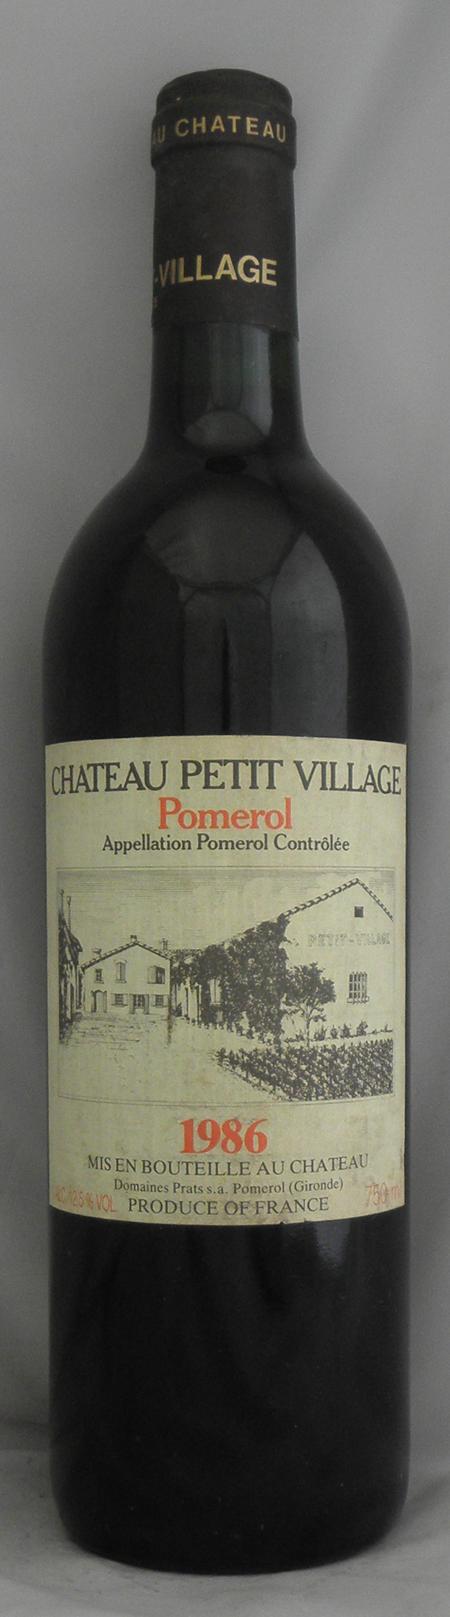 1986年 シャトー プティ ヴィラージュ(フランス 赤ワイン)